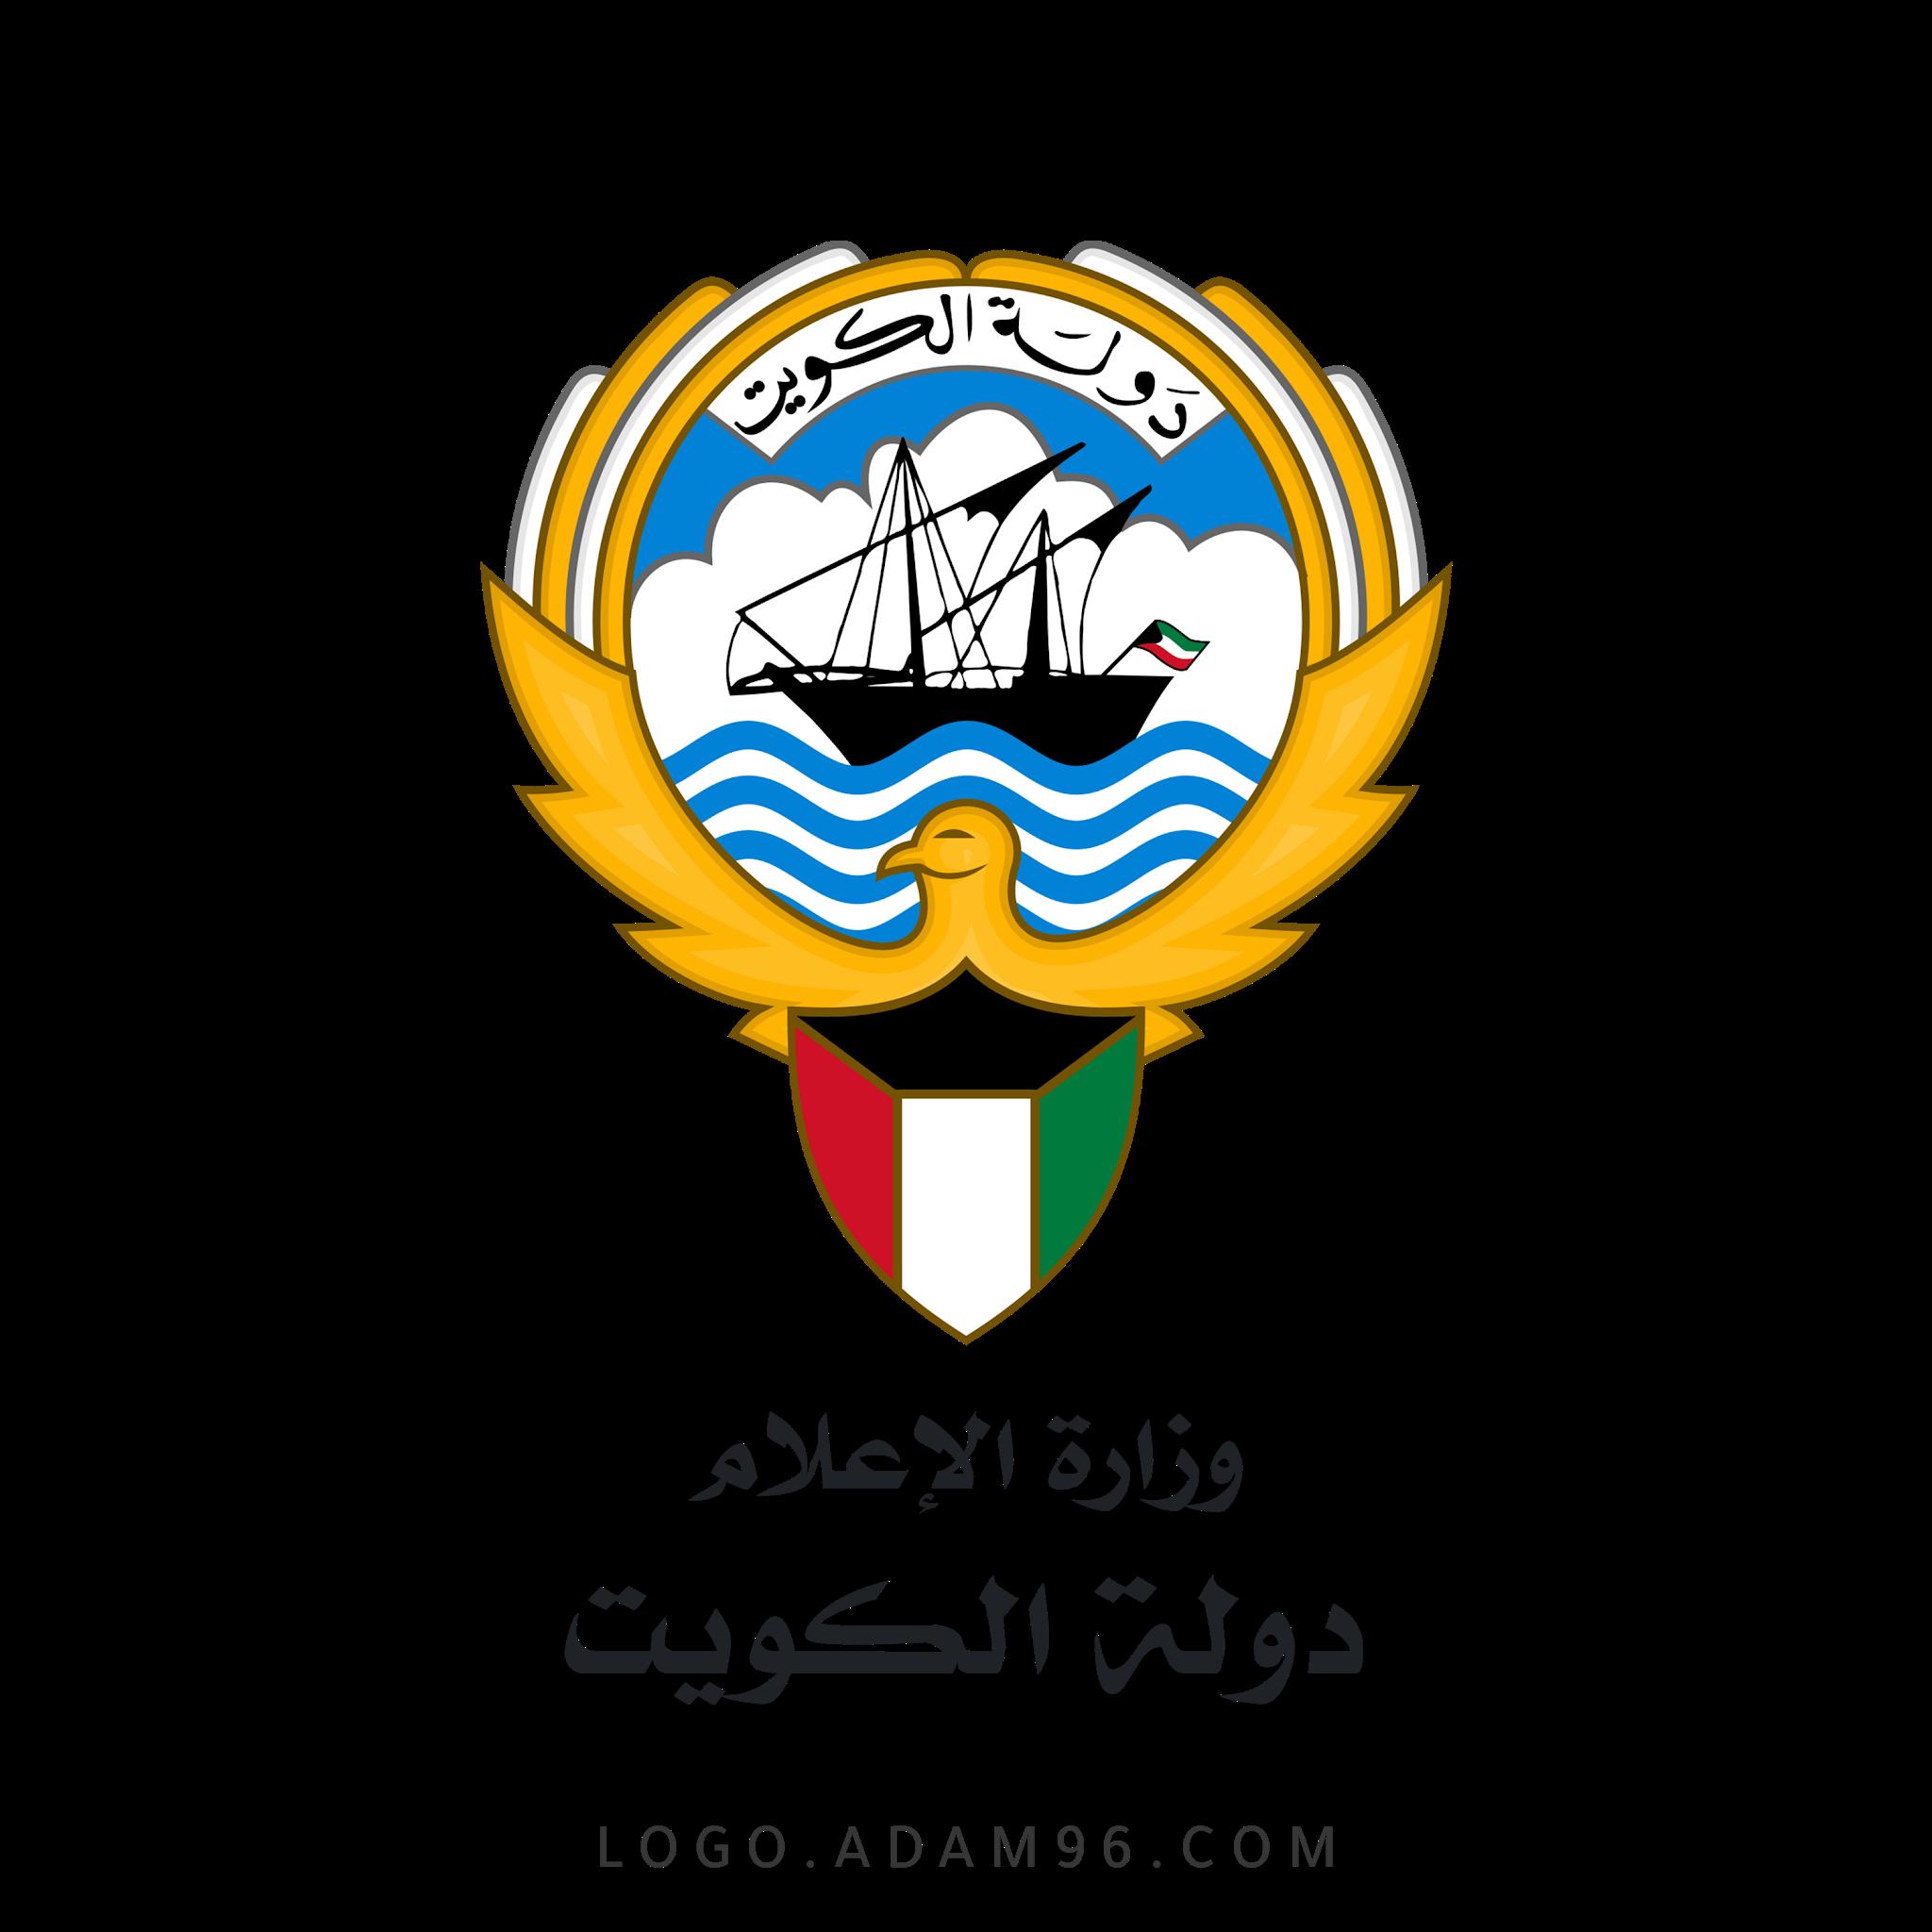 تحميل شعار وزارة الإعلام دولة الكويت لوجو شفاف PNG